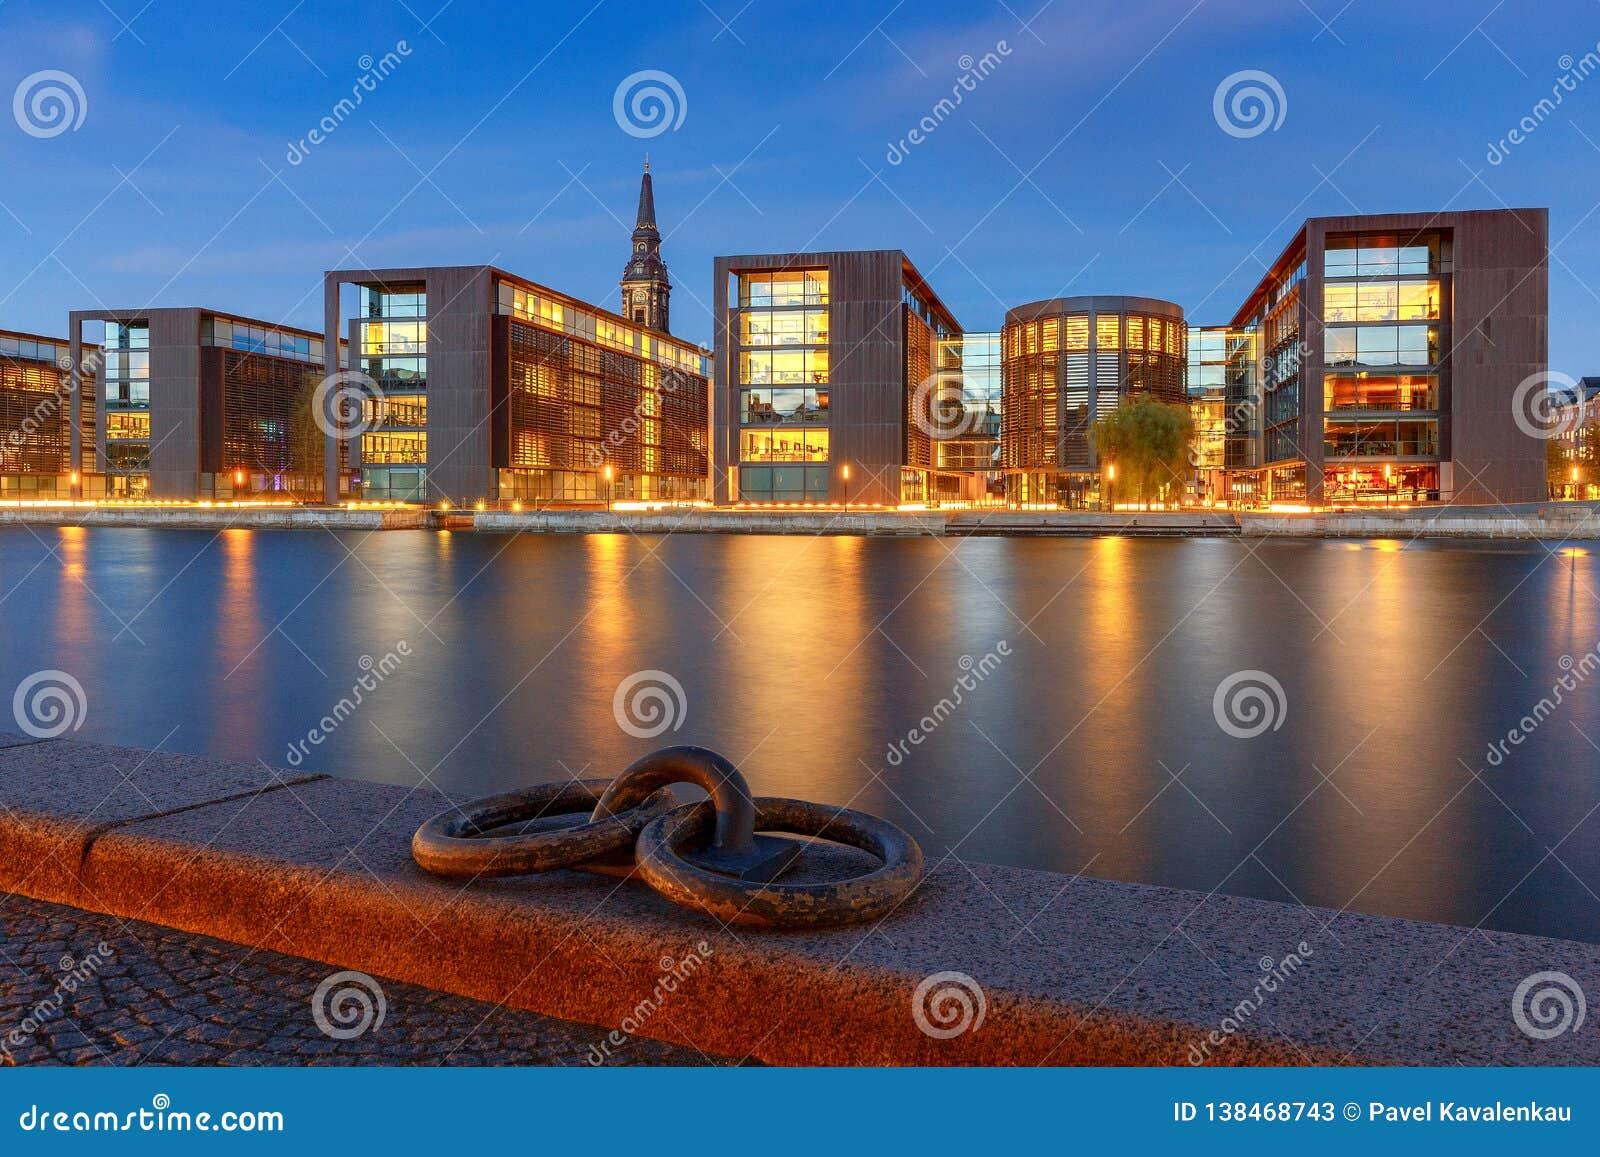 Κοπεγχάγη Ανάχωμα πόλεων στο ηλιοβασίλεμα